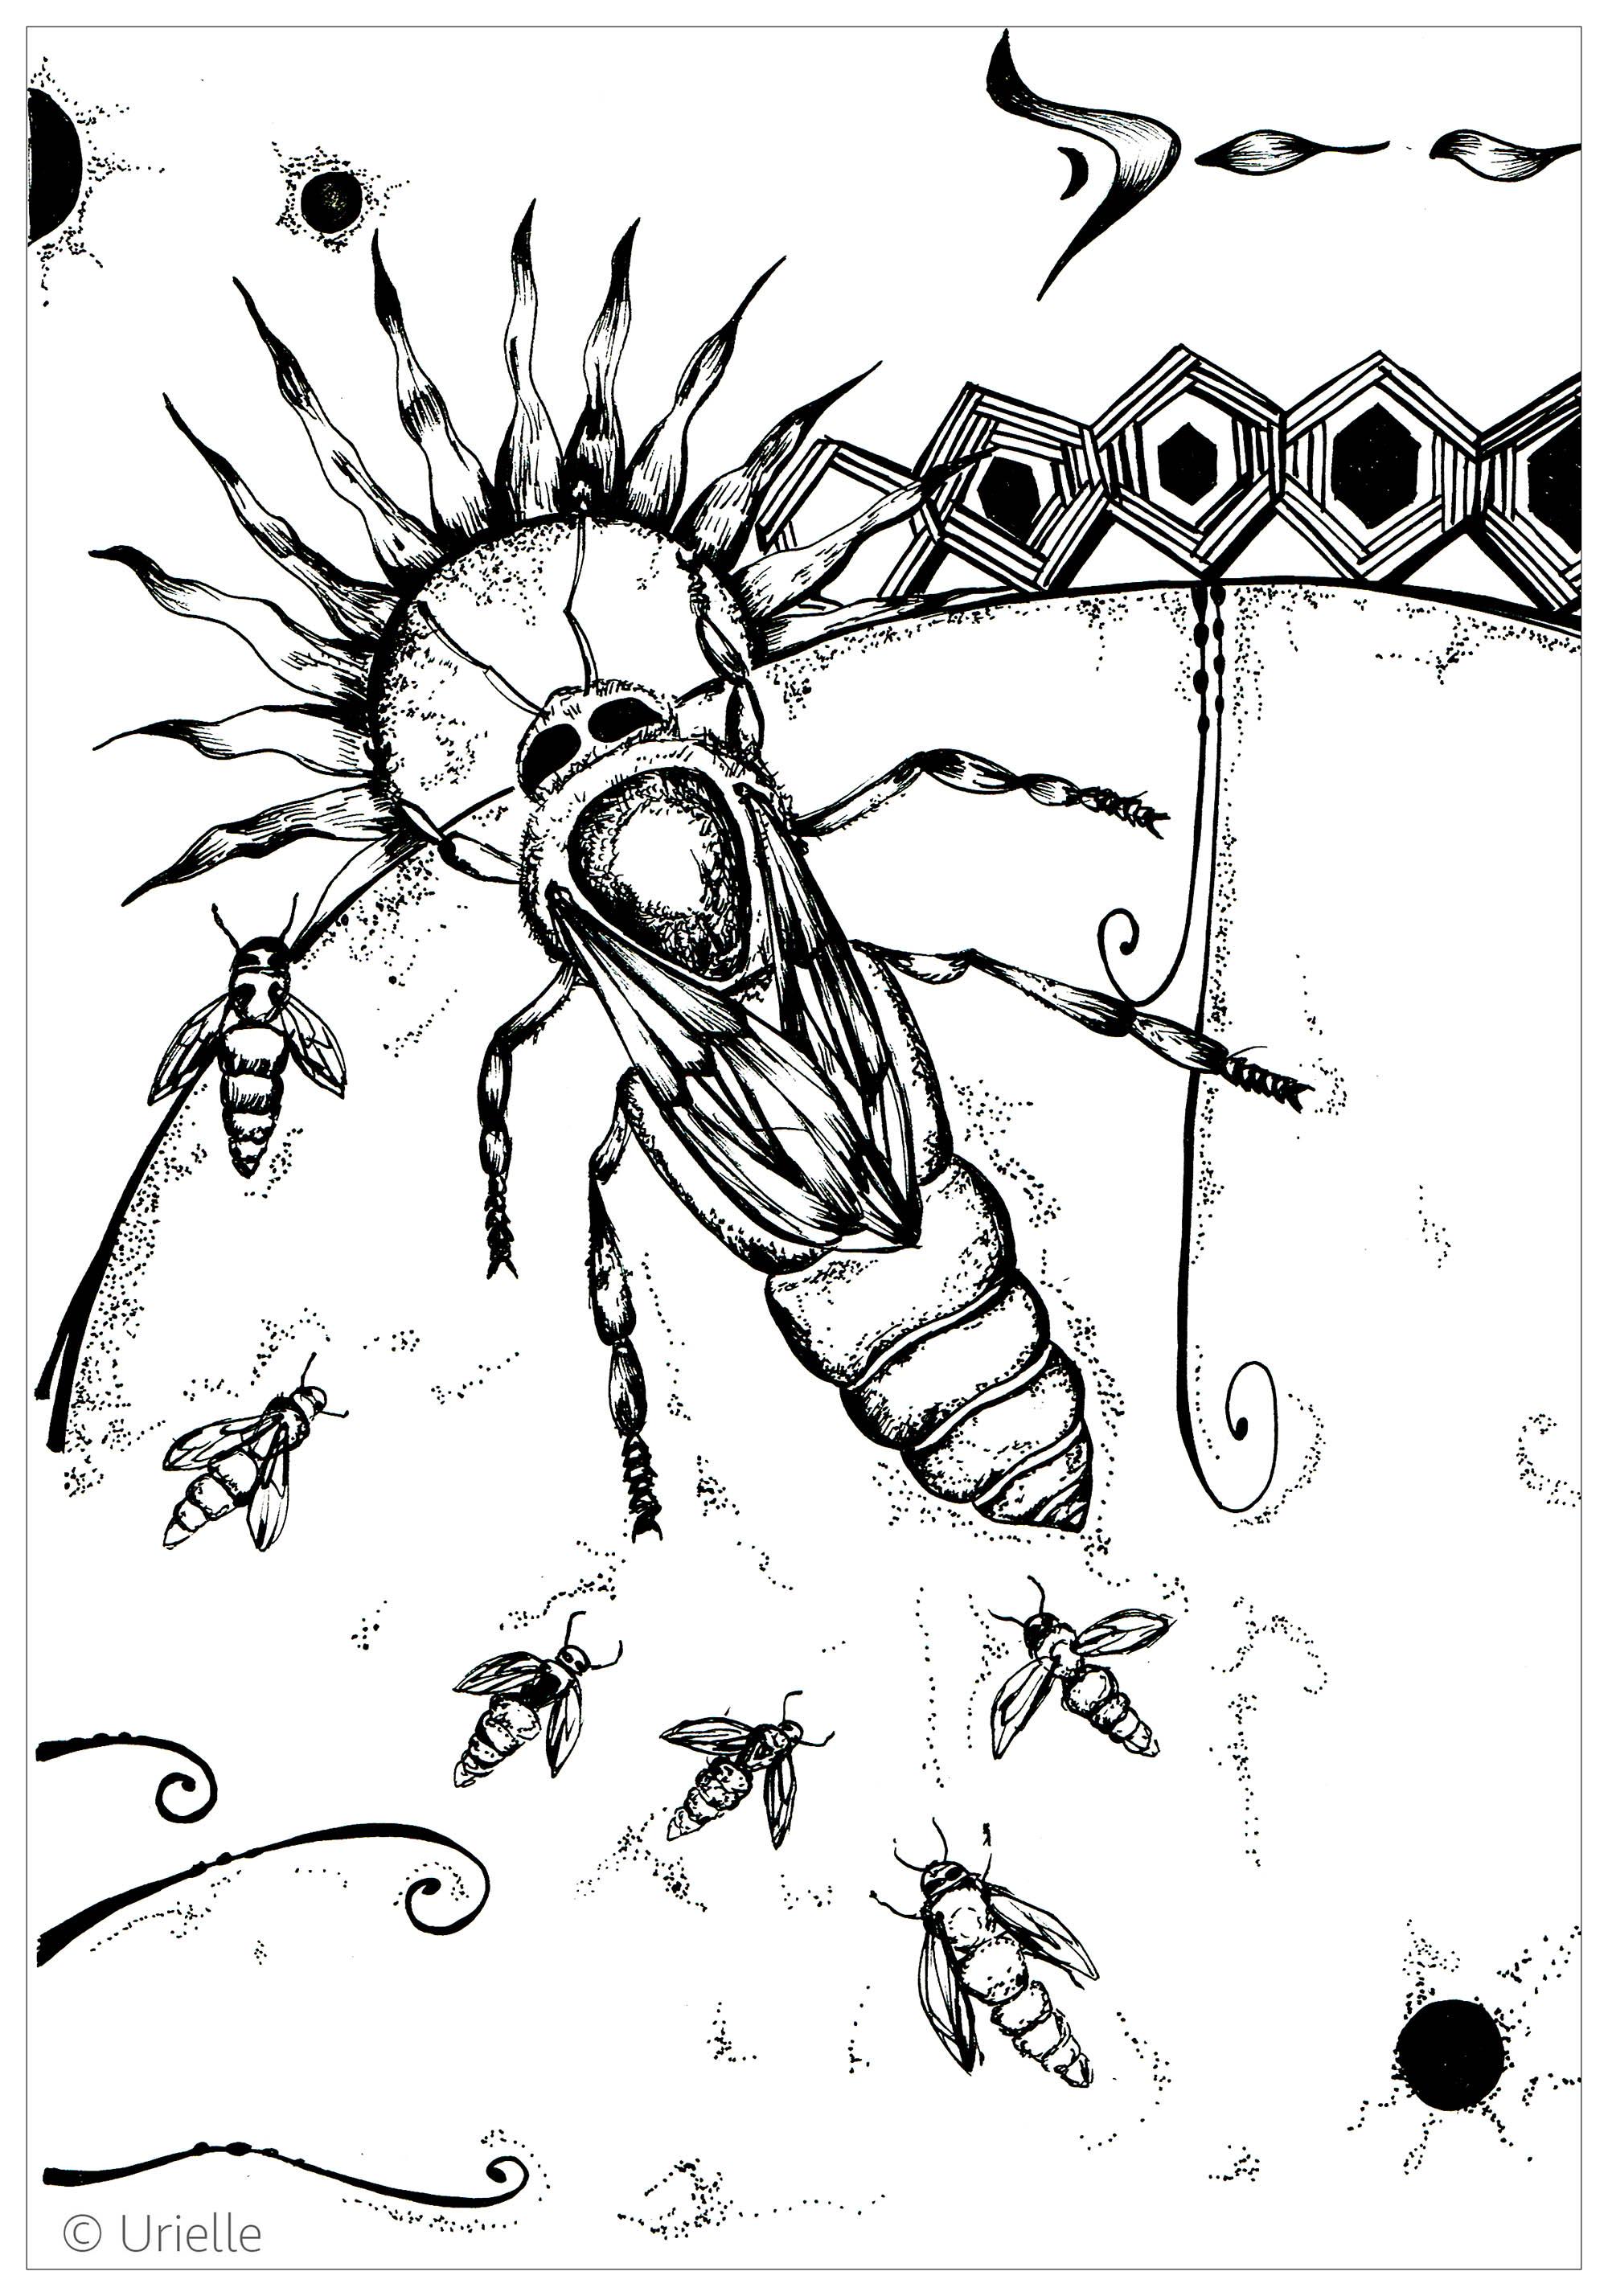 Insectos 17781 - Mariposas e insectos - Colorear para Adultos